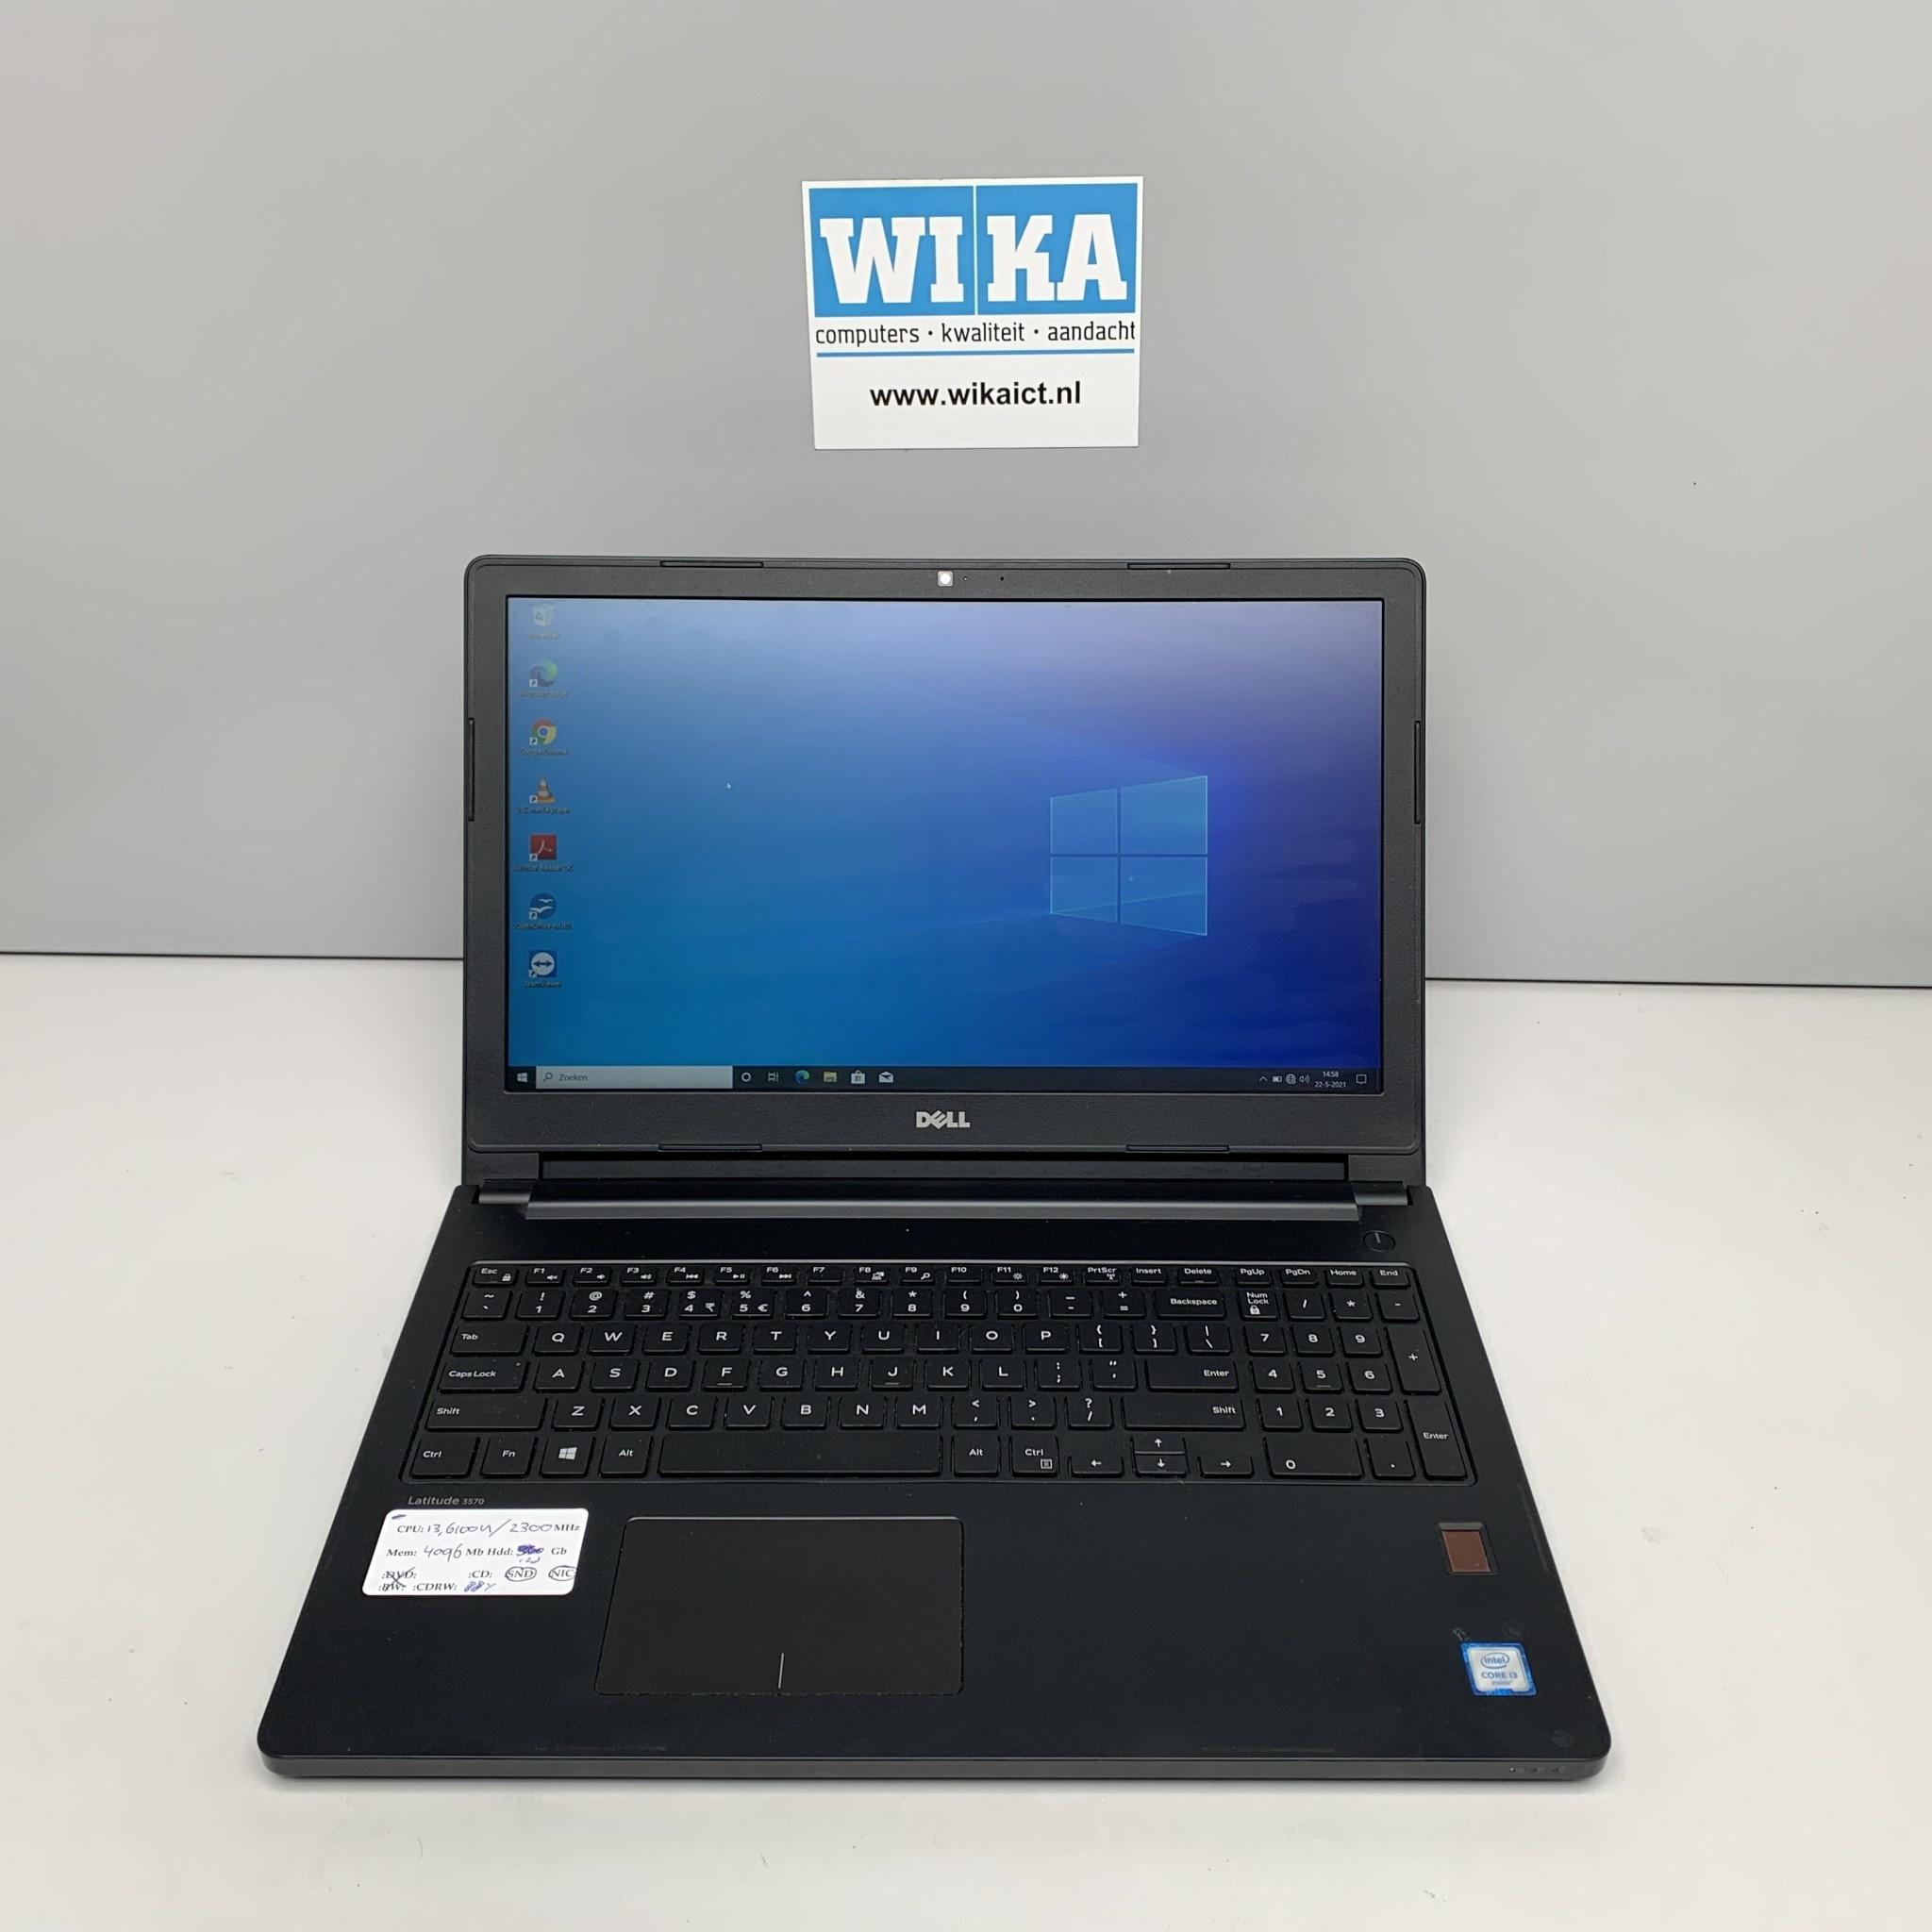 Dell Latitude 3570 i3-6100U 2.3Ghz 4Gb 128Gb SSD 15.6 Win 10p  laptop